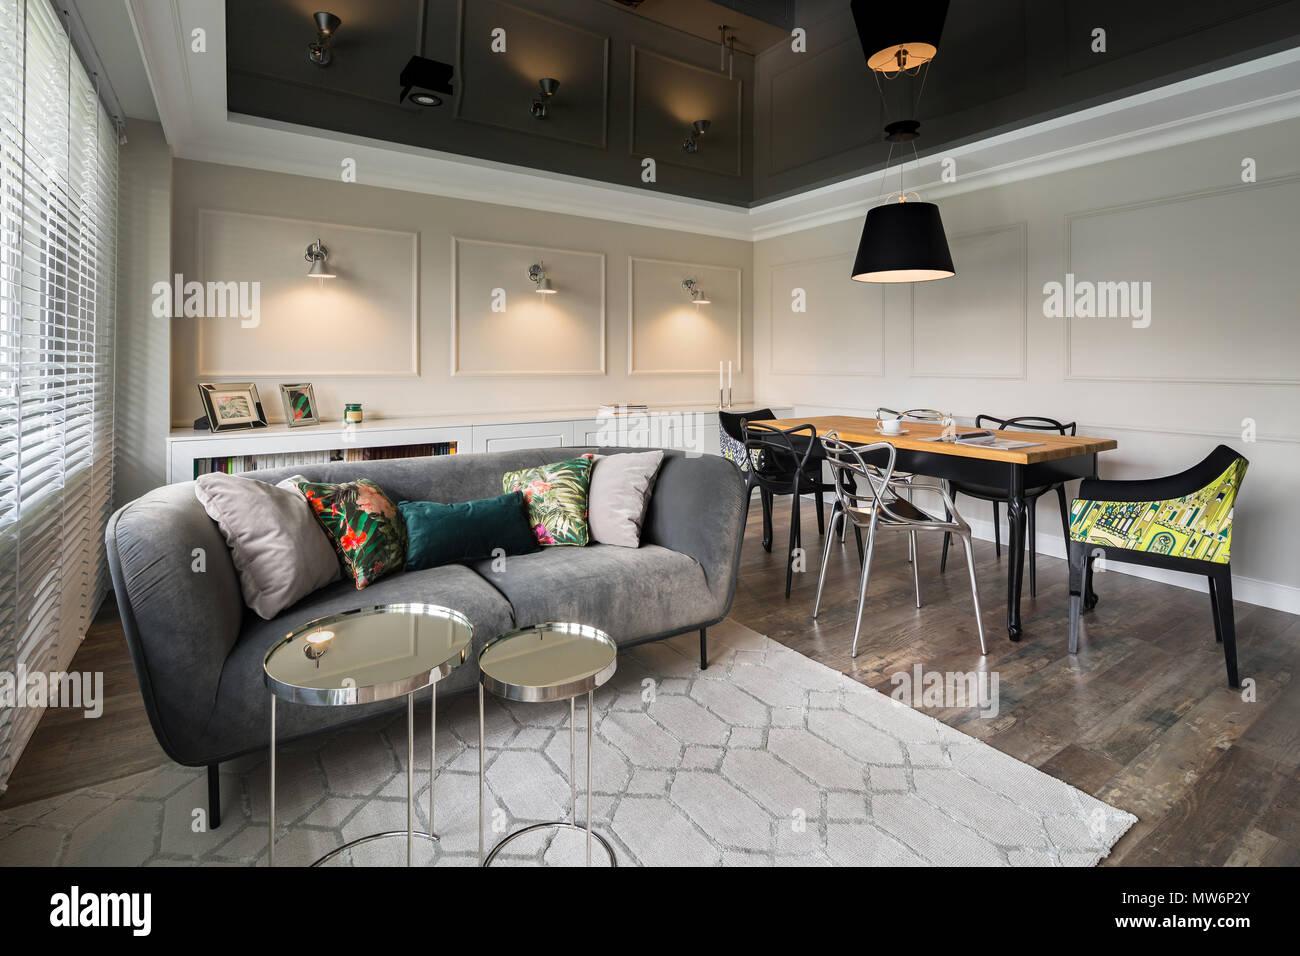 https www alamyimages fr salon avec canape gris beige murs et plafond tendu noir image187619123 html